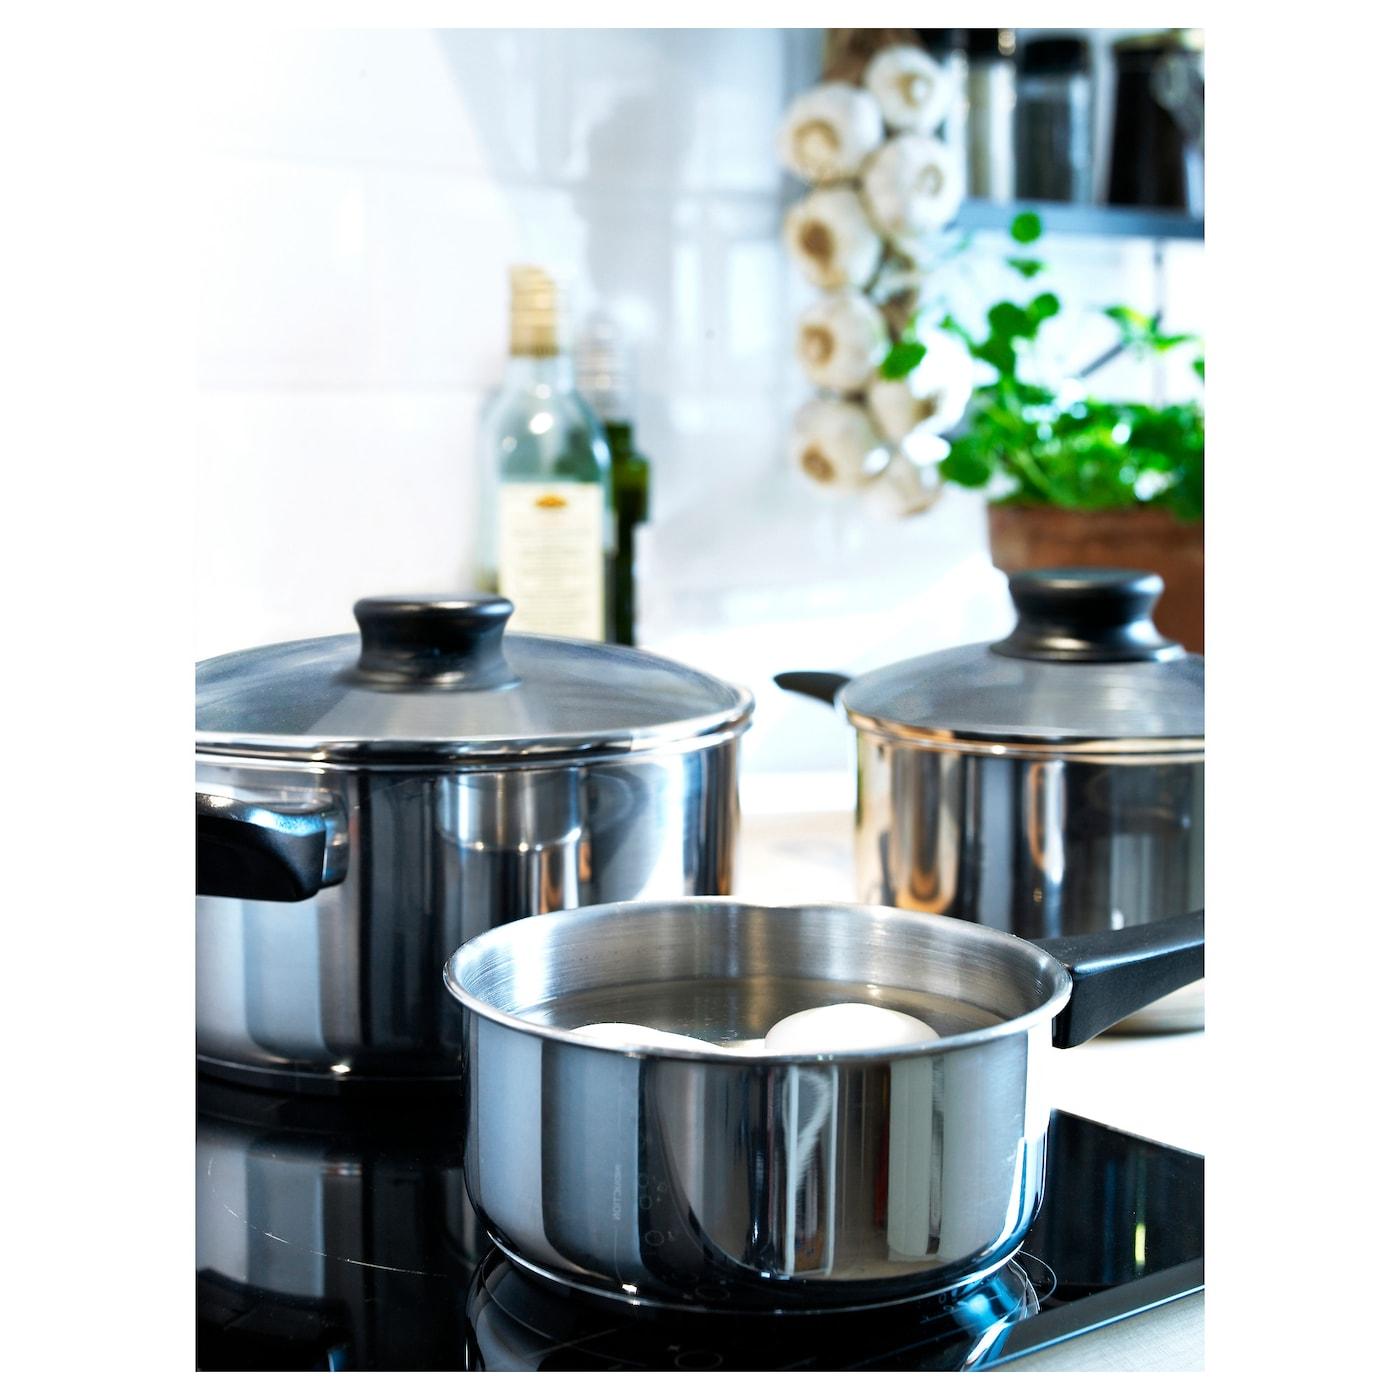 Acier Inoxydable 5PC ustensiles de cuisine Casserole Casserole Pot Plaque Set avec couvercle en verre